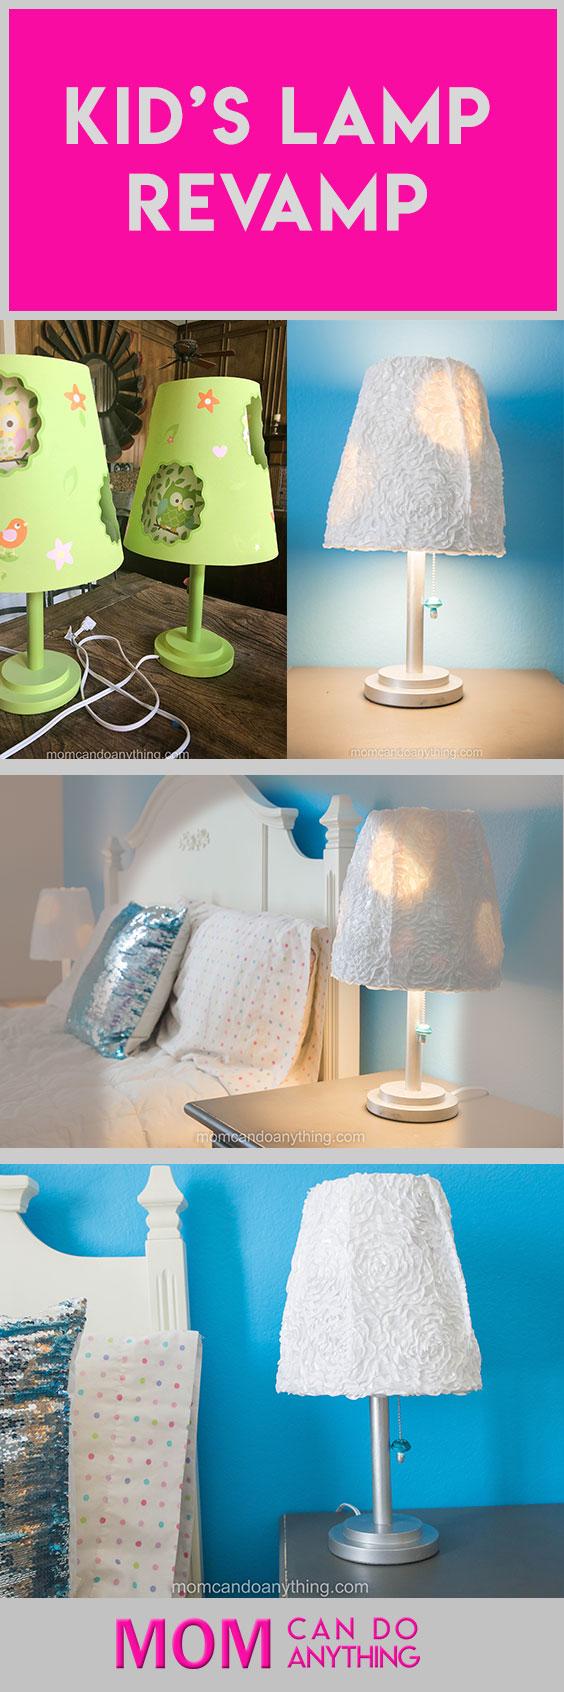 Kid's-Lamp-Revamp